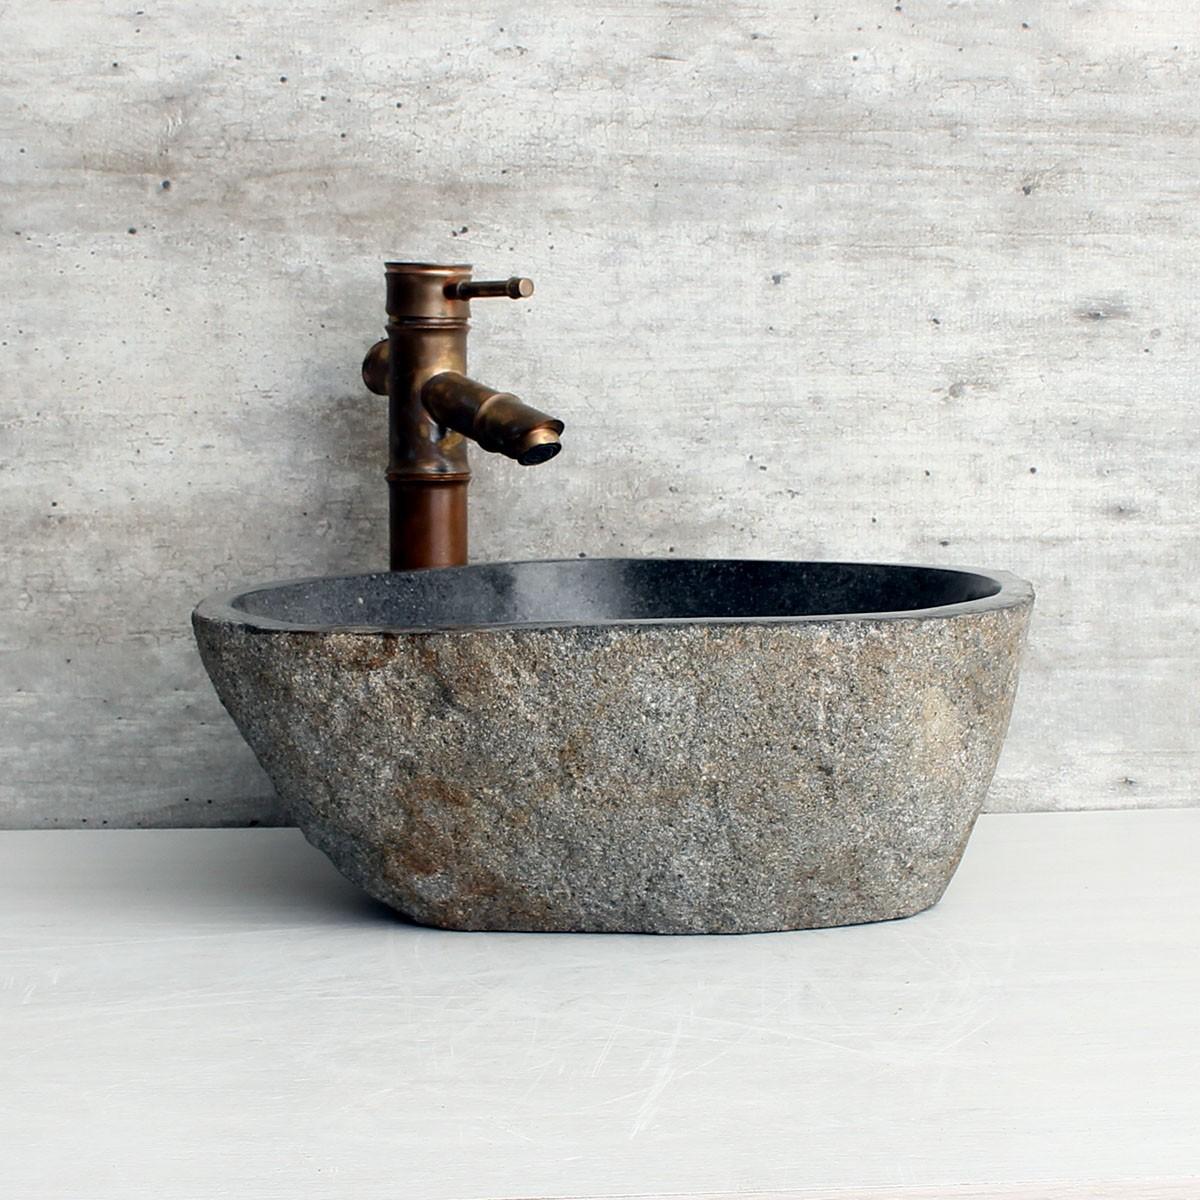 Cuba de Banheiro em Pedra Natural RM1184 41x36x15cm